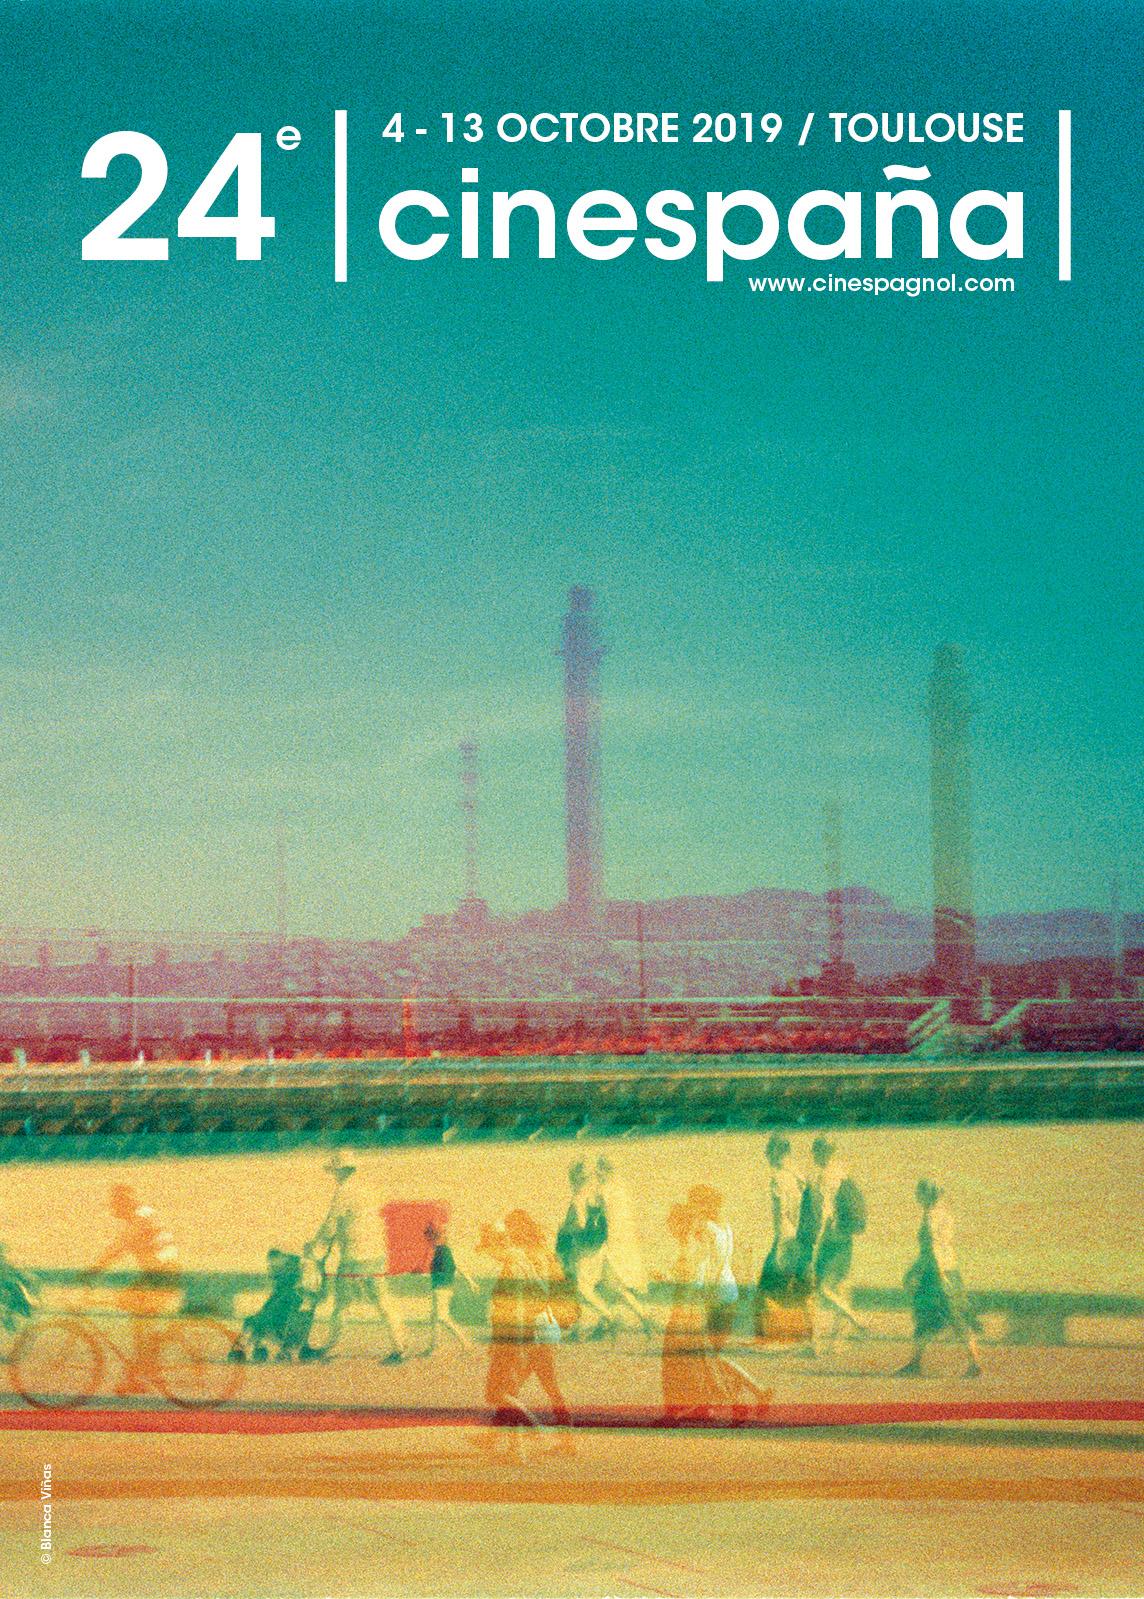 Affiche Cinespaña 2019